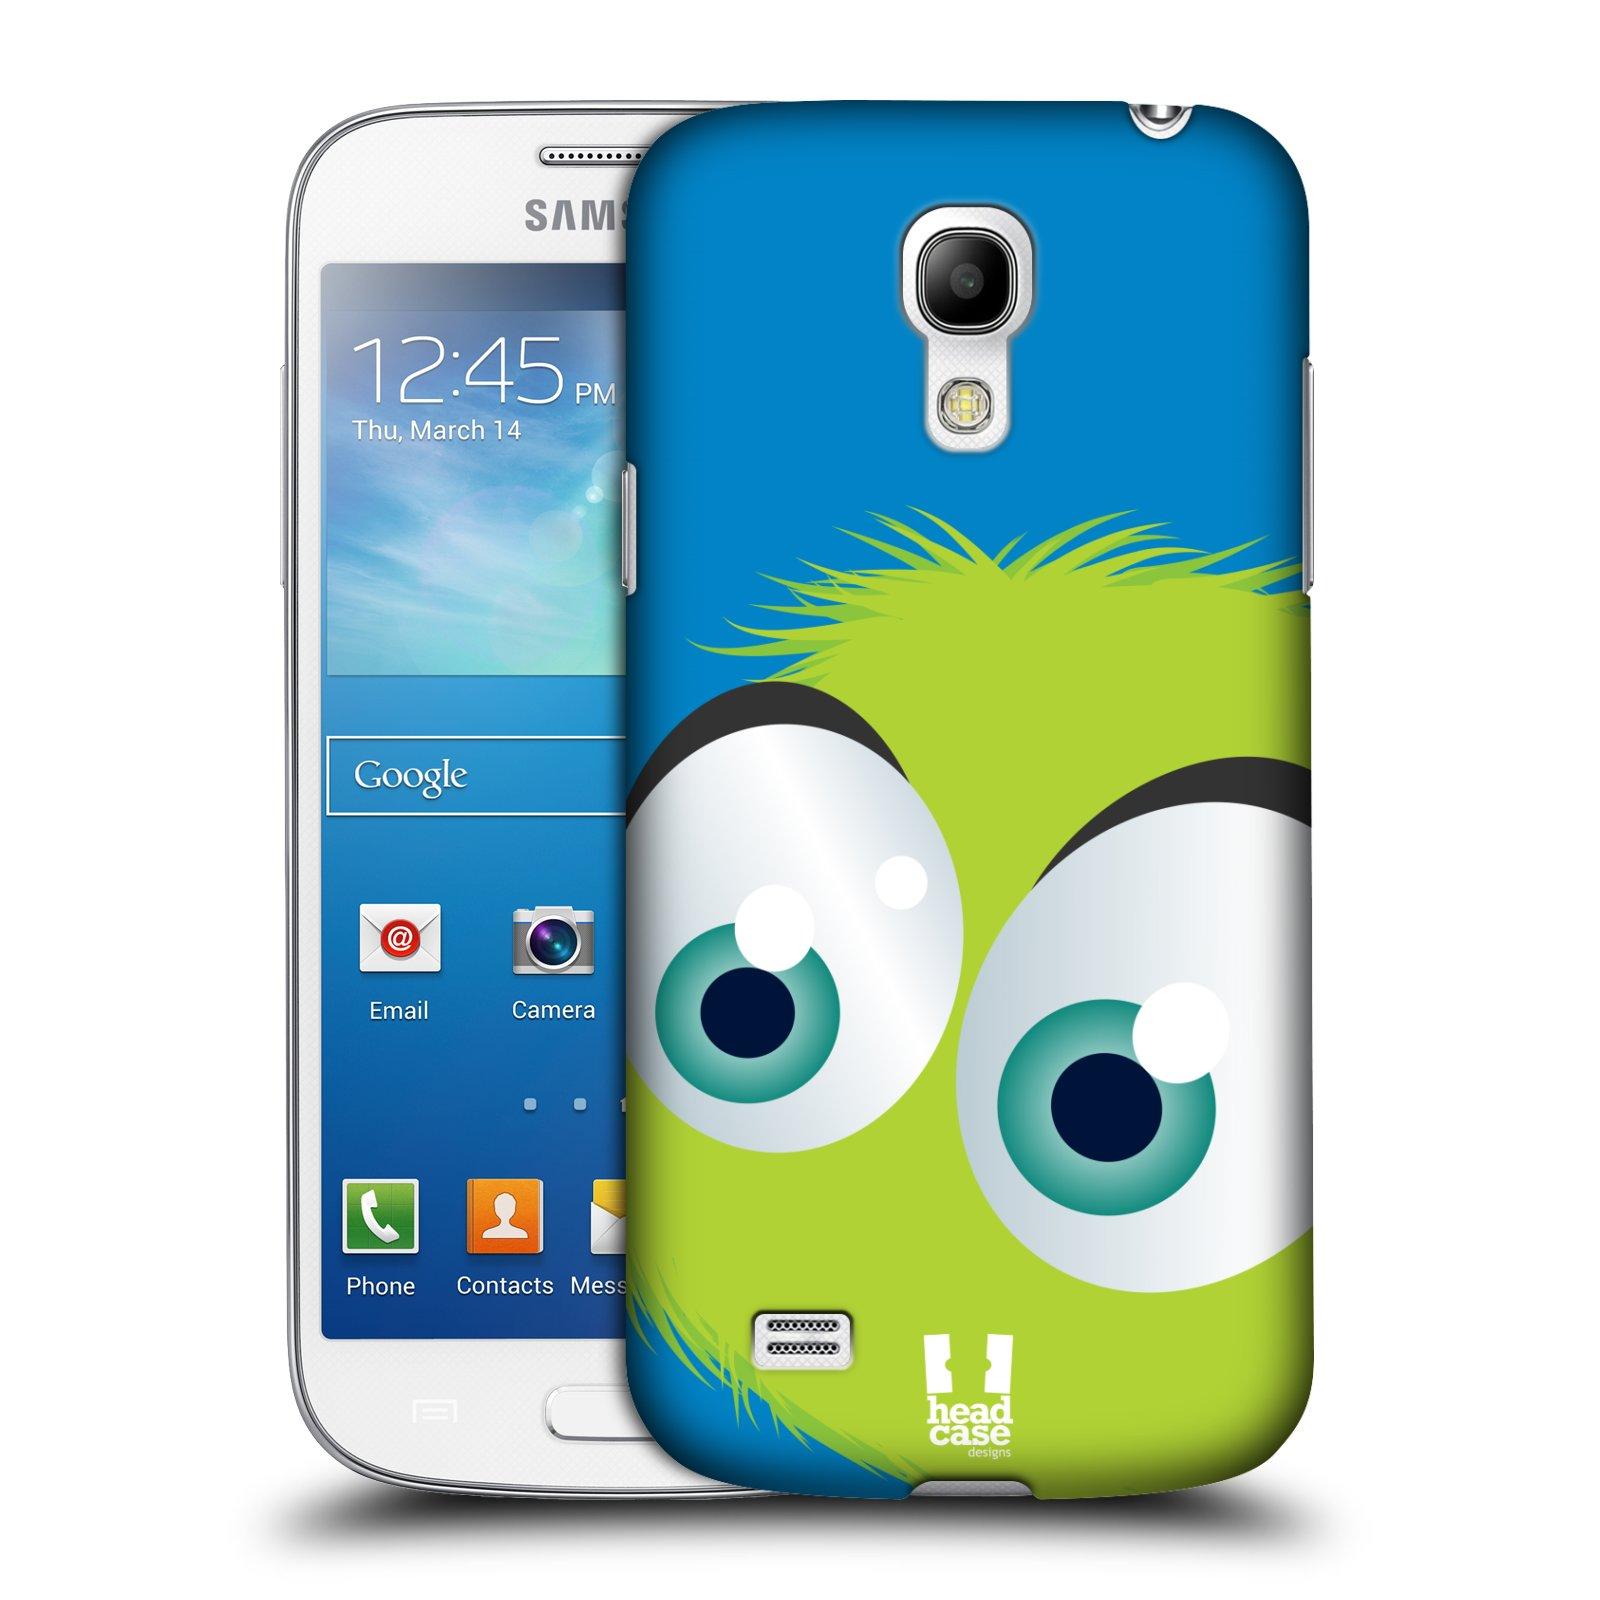 Plastové pouzdro na mobil Samsung Galaxy S4 Mini HEAD CASE FUZÍK ZELENÝ (Kryt či obal na mobilní telefon Samsung Galaxy S4 Mini GT-i9195 / i9190 (nepasuje na verzi Black Edition))